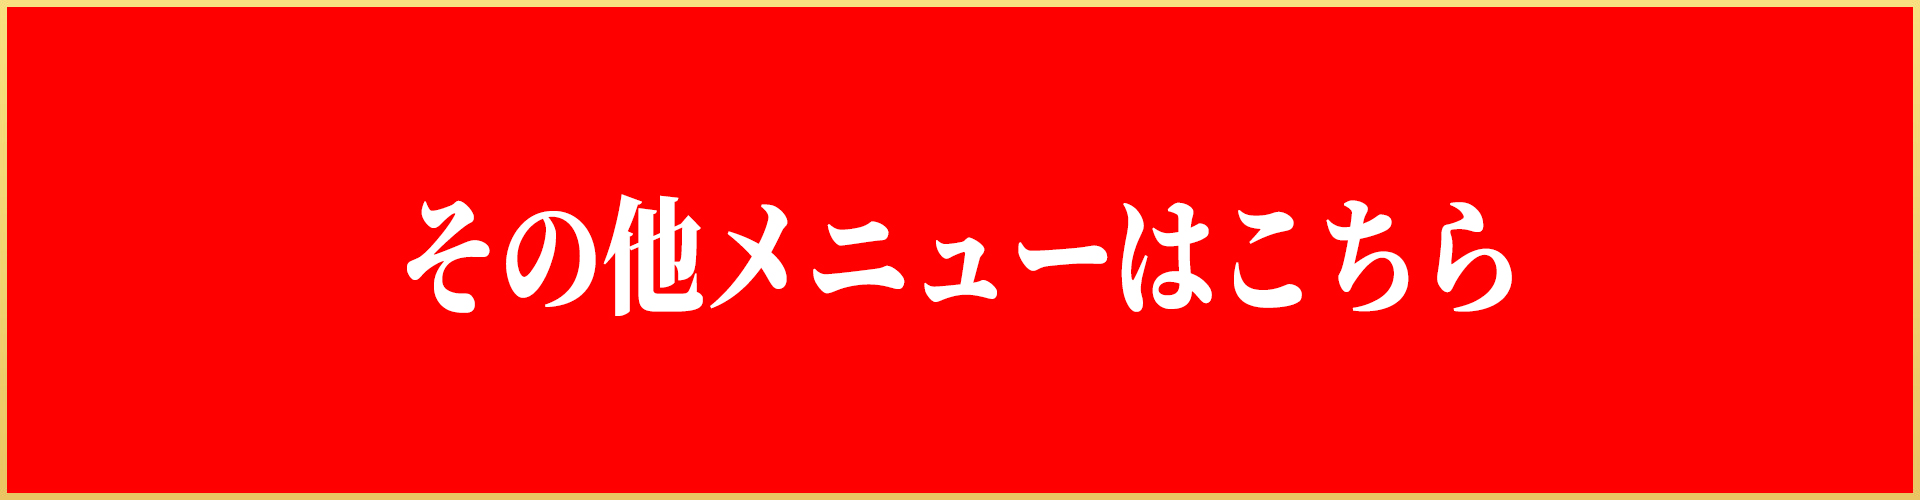 馬太郎その他メニュー